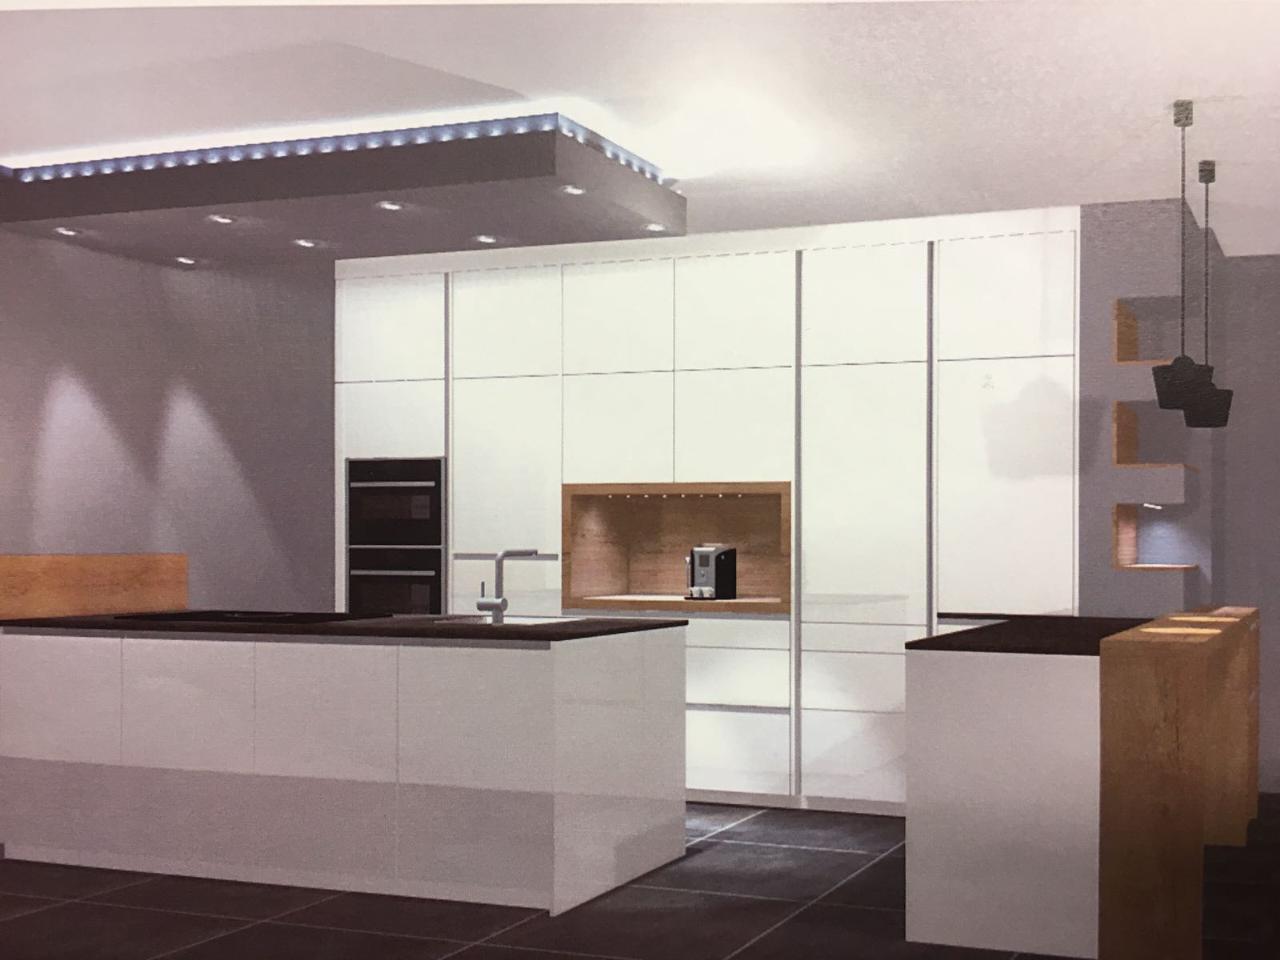 dan k che um euro zu teuer forum auf. Black Bedroom Furniture Sets. Home Design Ideas